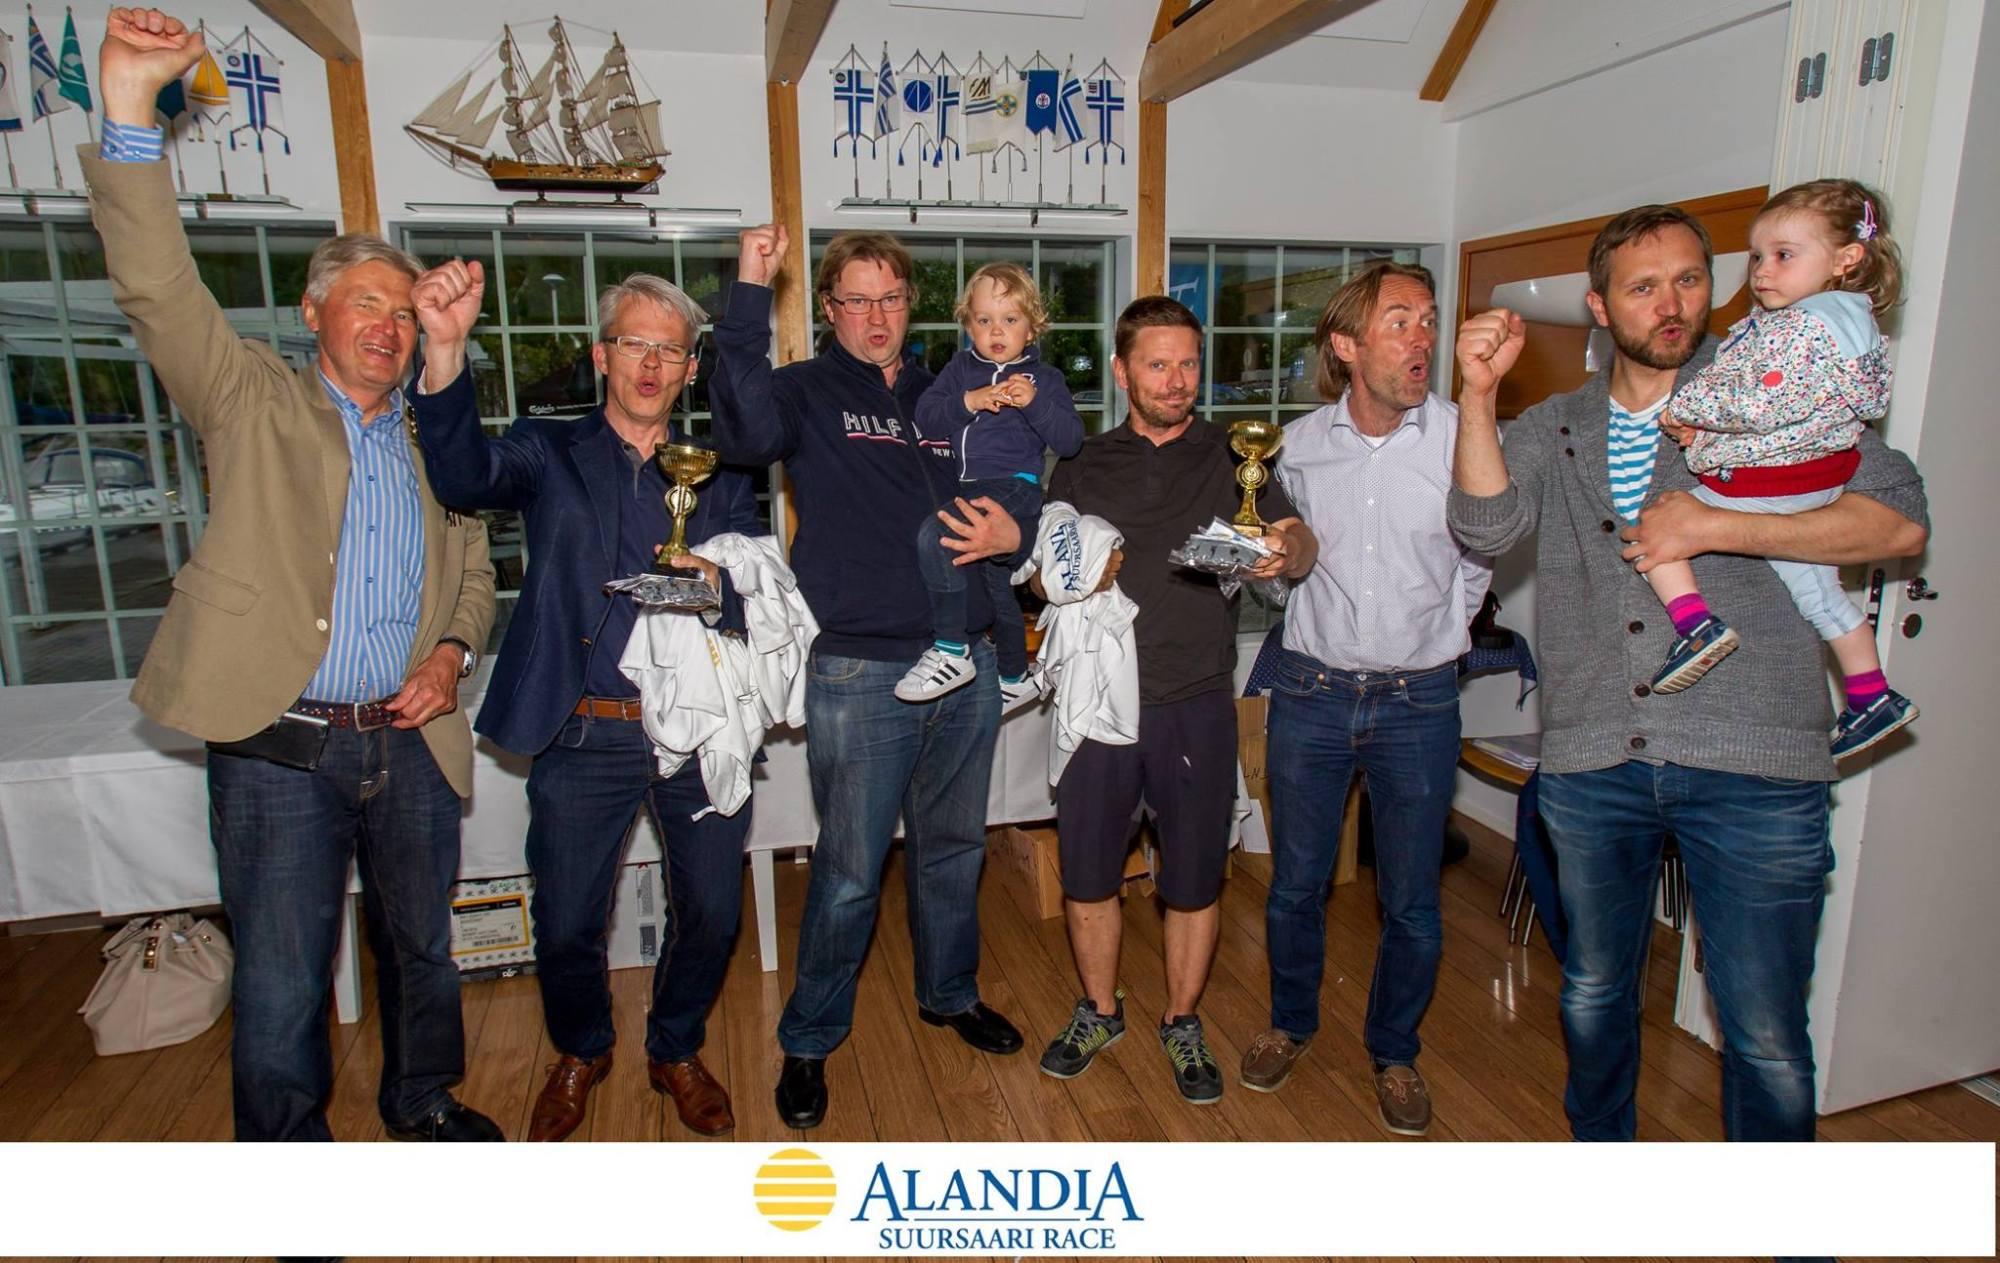 Suursaaren 2017 kärkikolmikko palkintojenjaossa